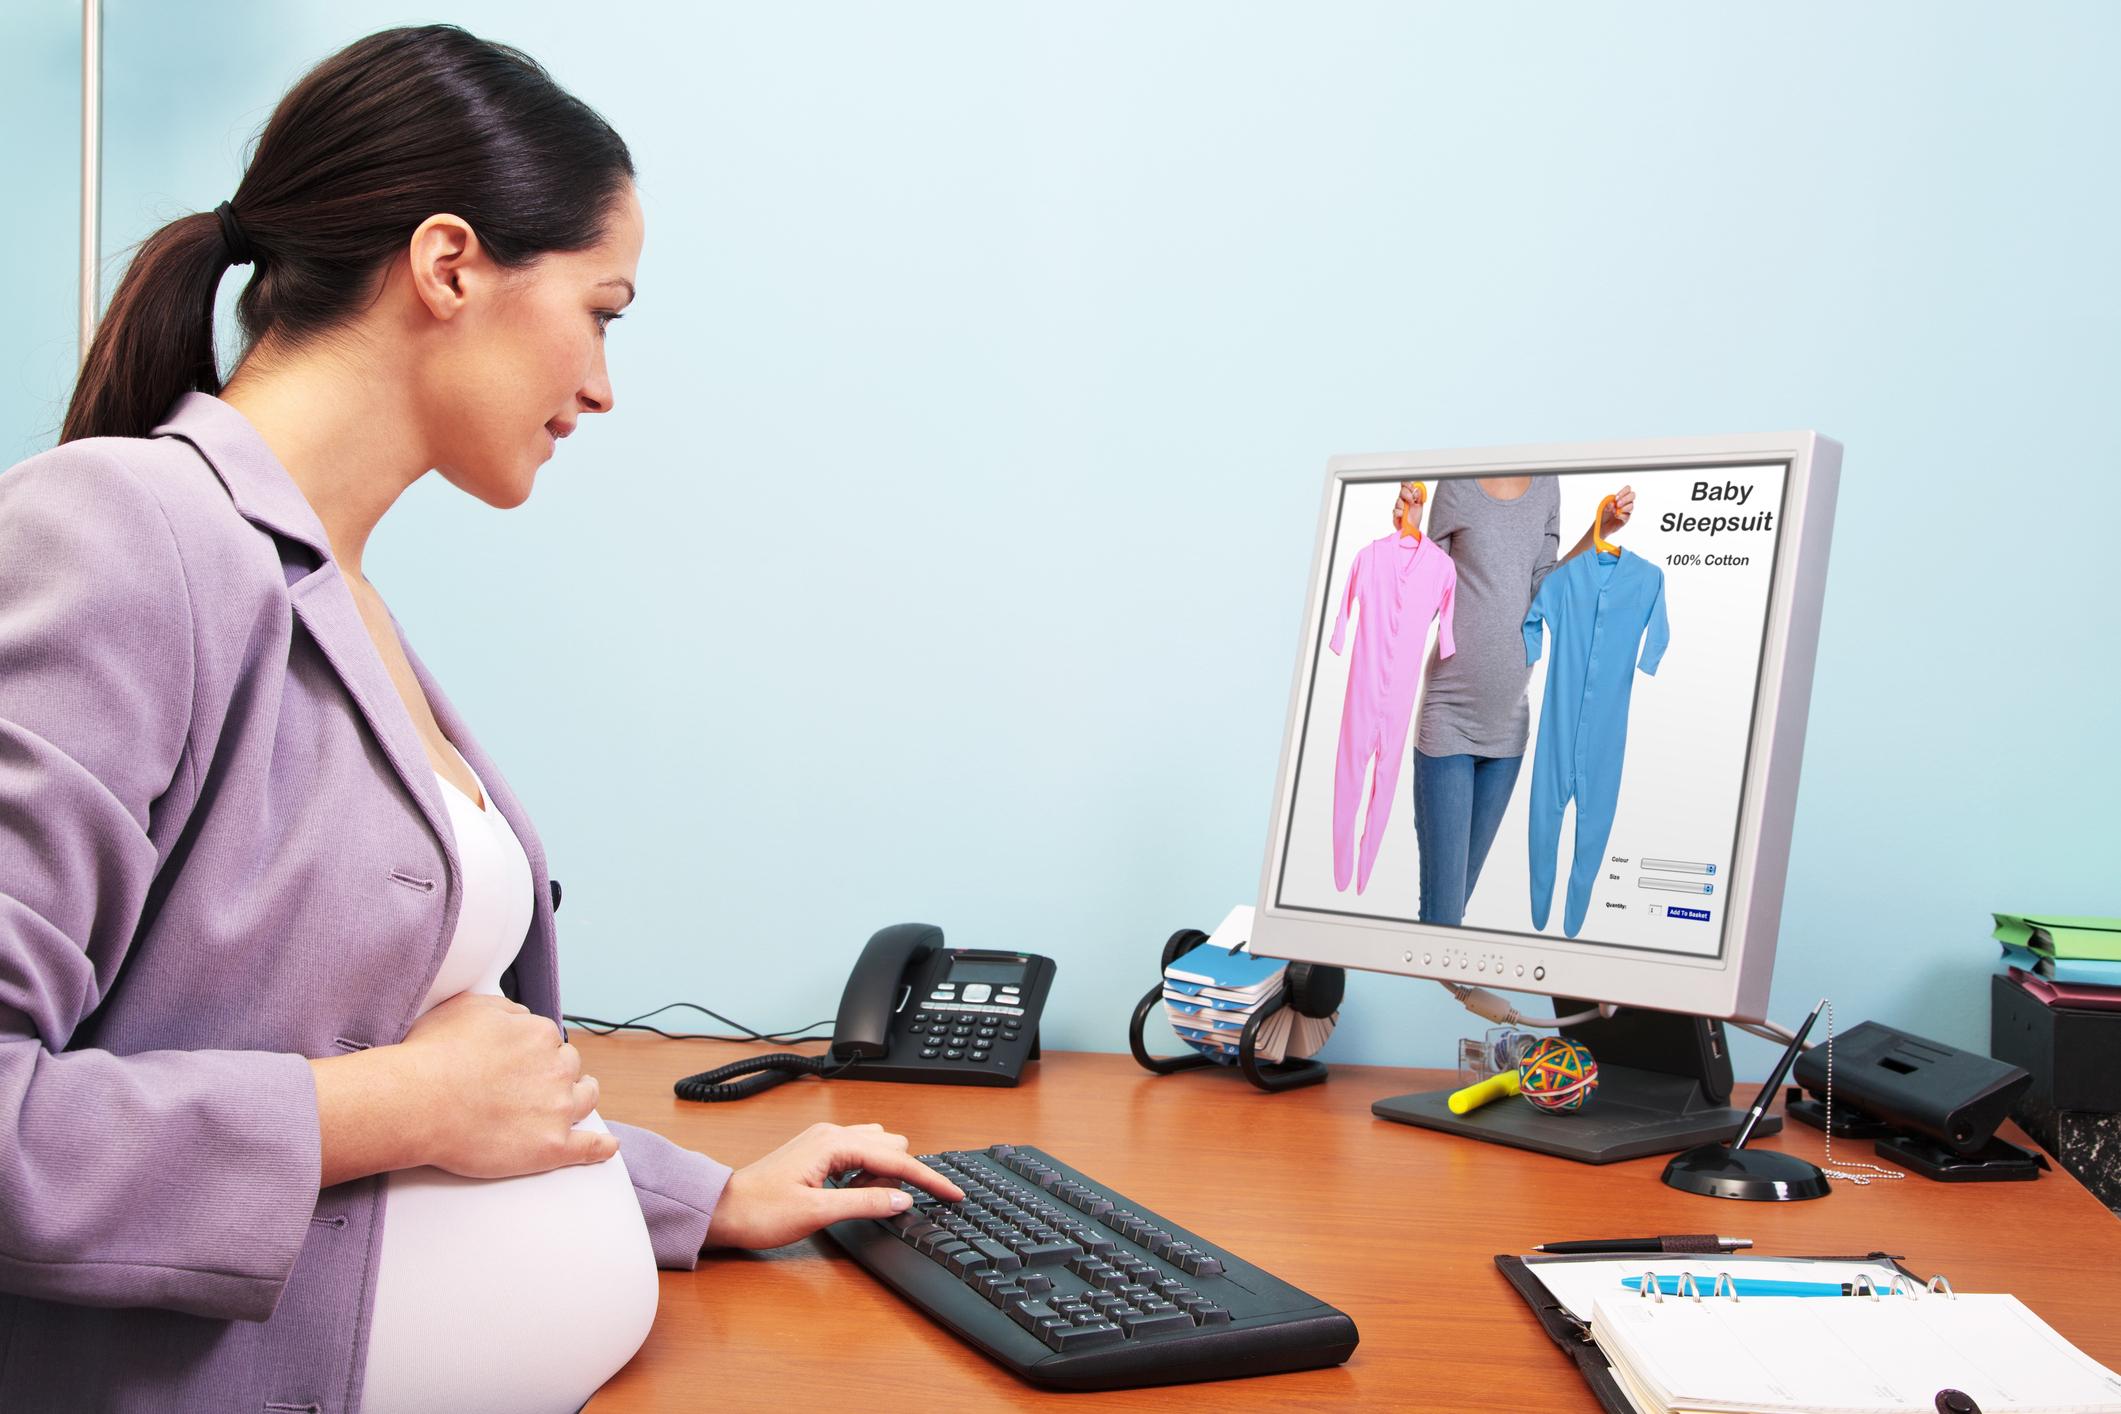 Як почати продавати дитячий одяг через інтернет: специфіка і поради